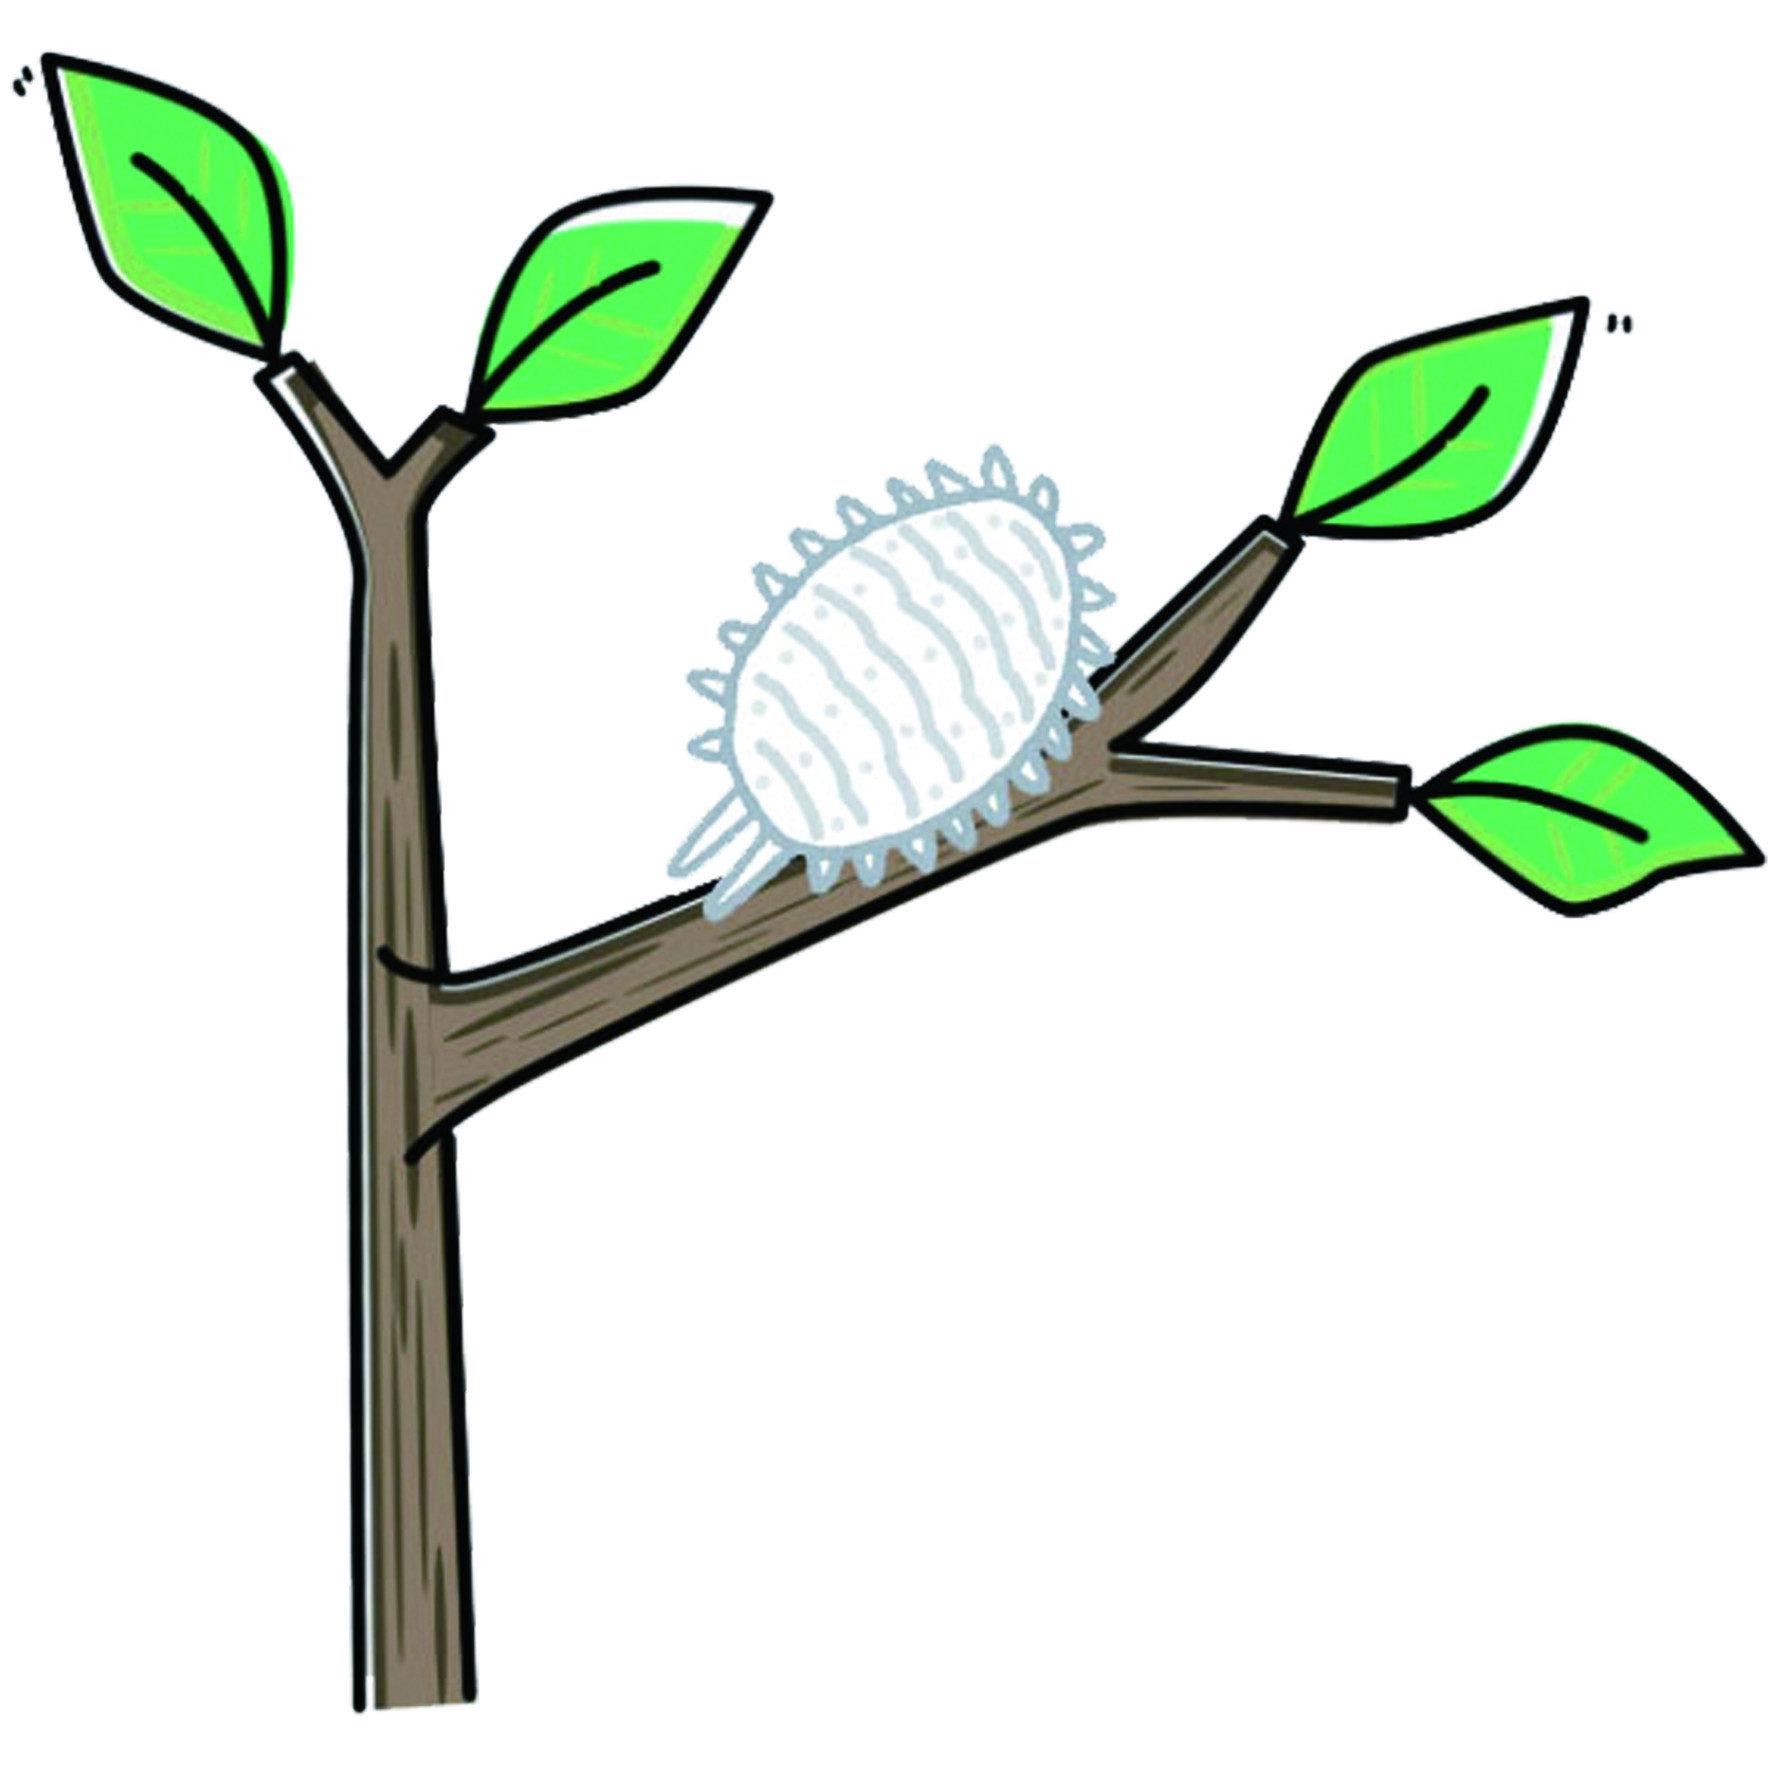 介殼蟲,又可簡稱為「介蟲」。牠們以吸食植物汁液維生,同時也是這樣的習性對植物產生莫大的危害。牠們會攀附在植物上,數量少時會使葉片上產生黃褐色或白色的零星斑點,看似枯萎一般;大量聚集時更會使得整個感染部位發黑,甚至整顆植物發黑都有可能。